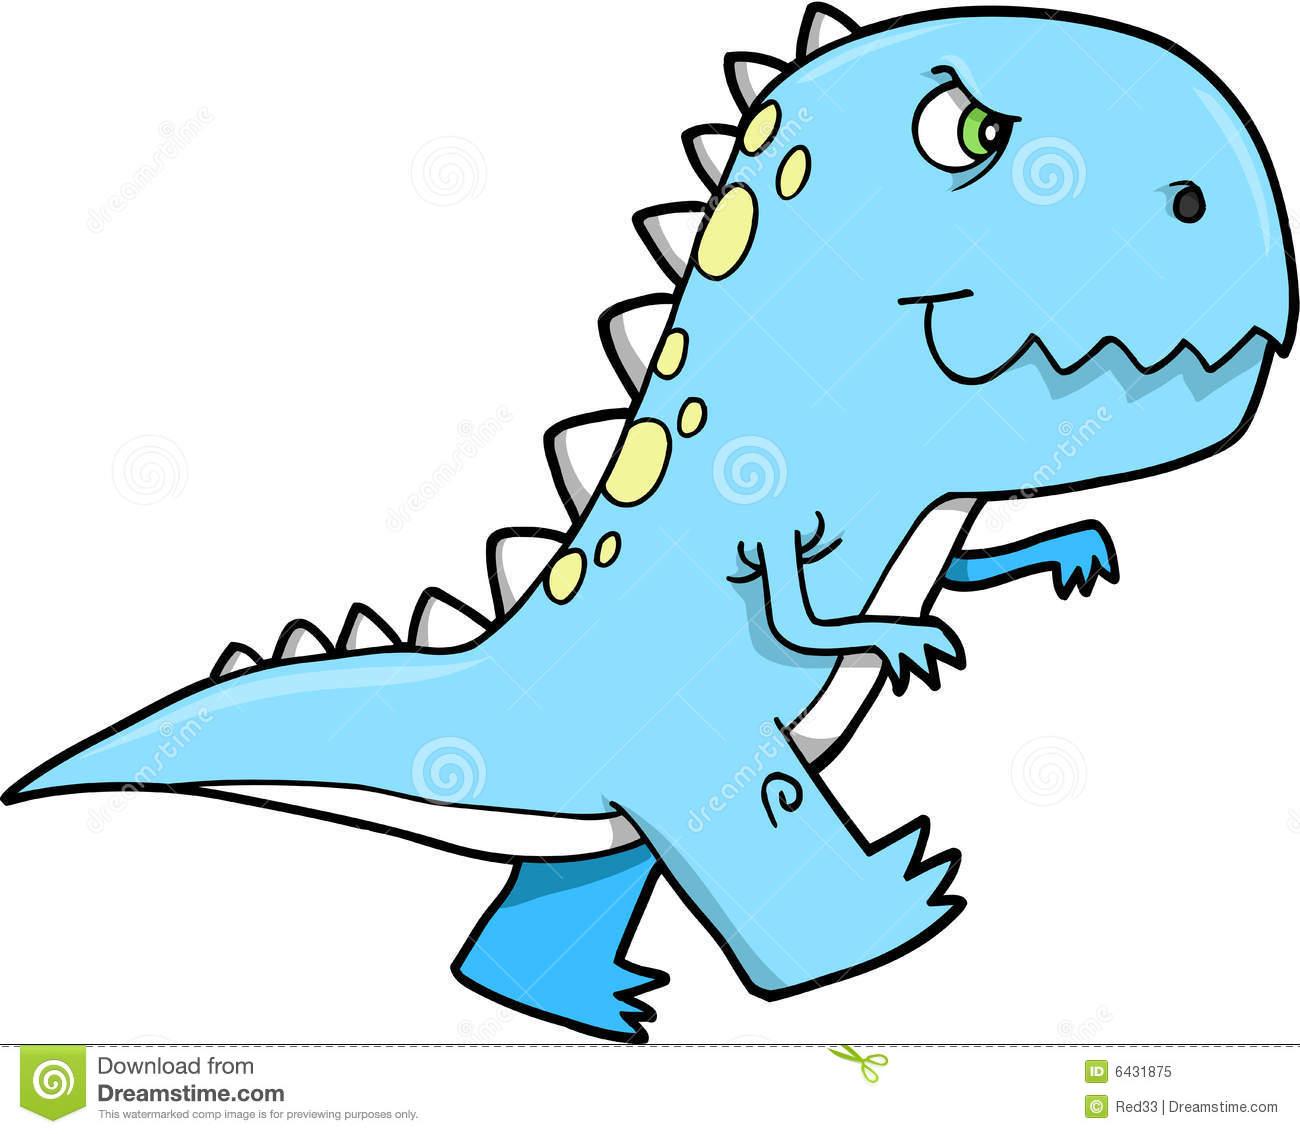 dinosaur teeth clipart - photo #46